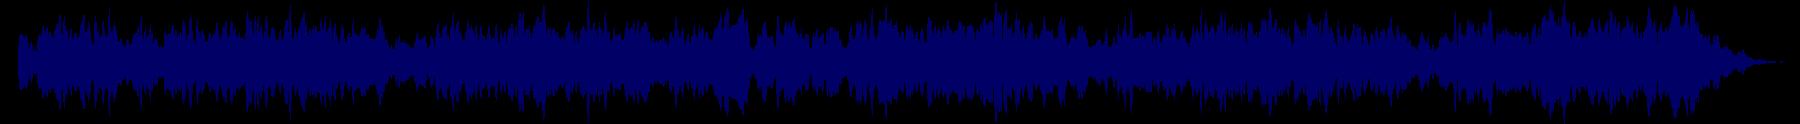 waveform of track #48336